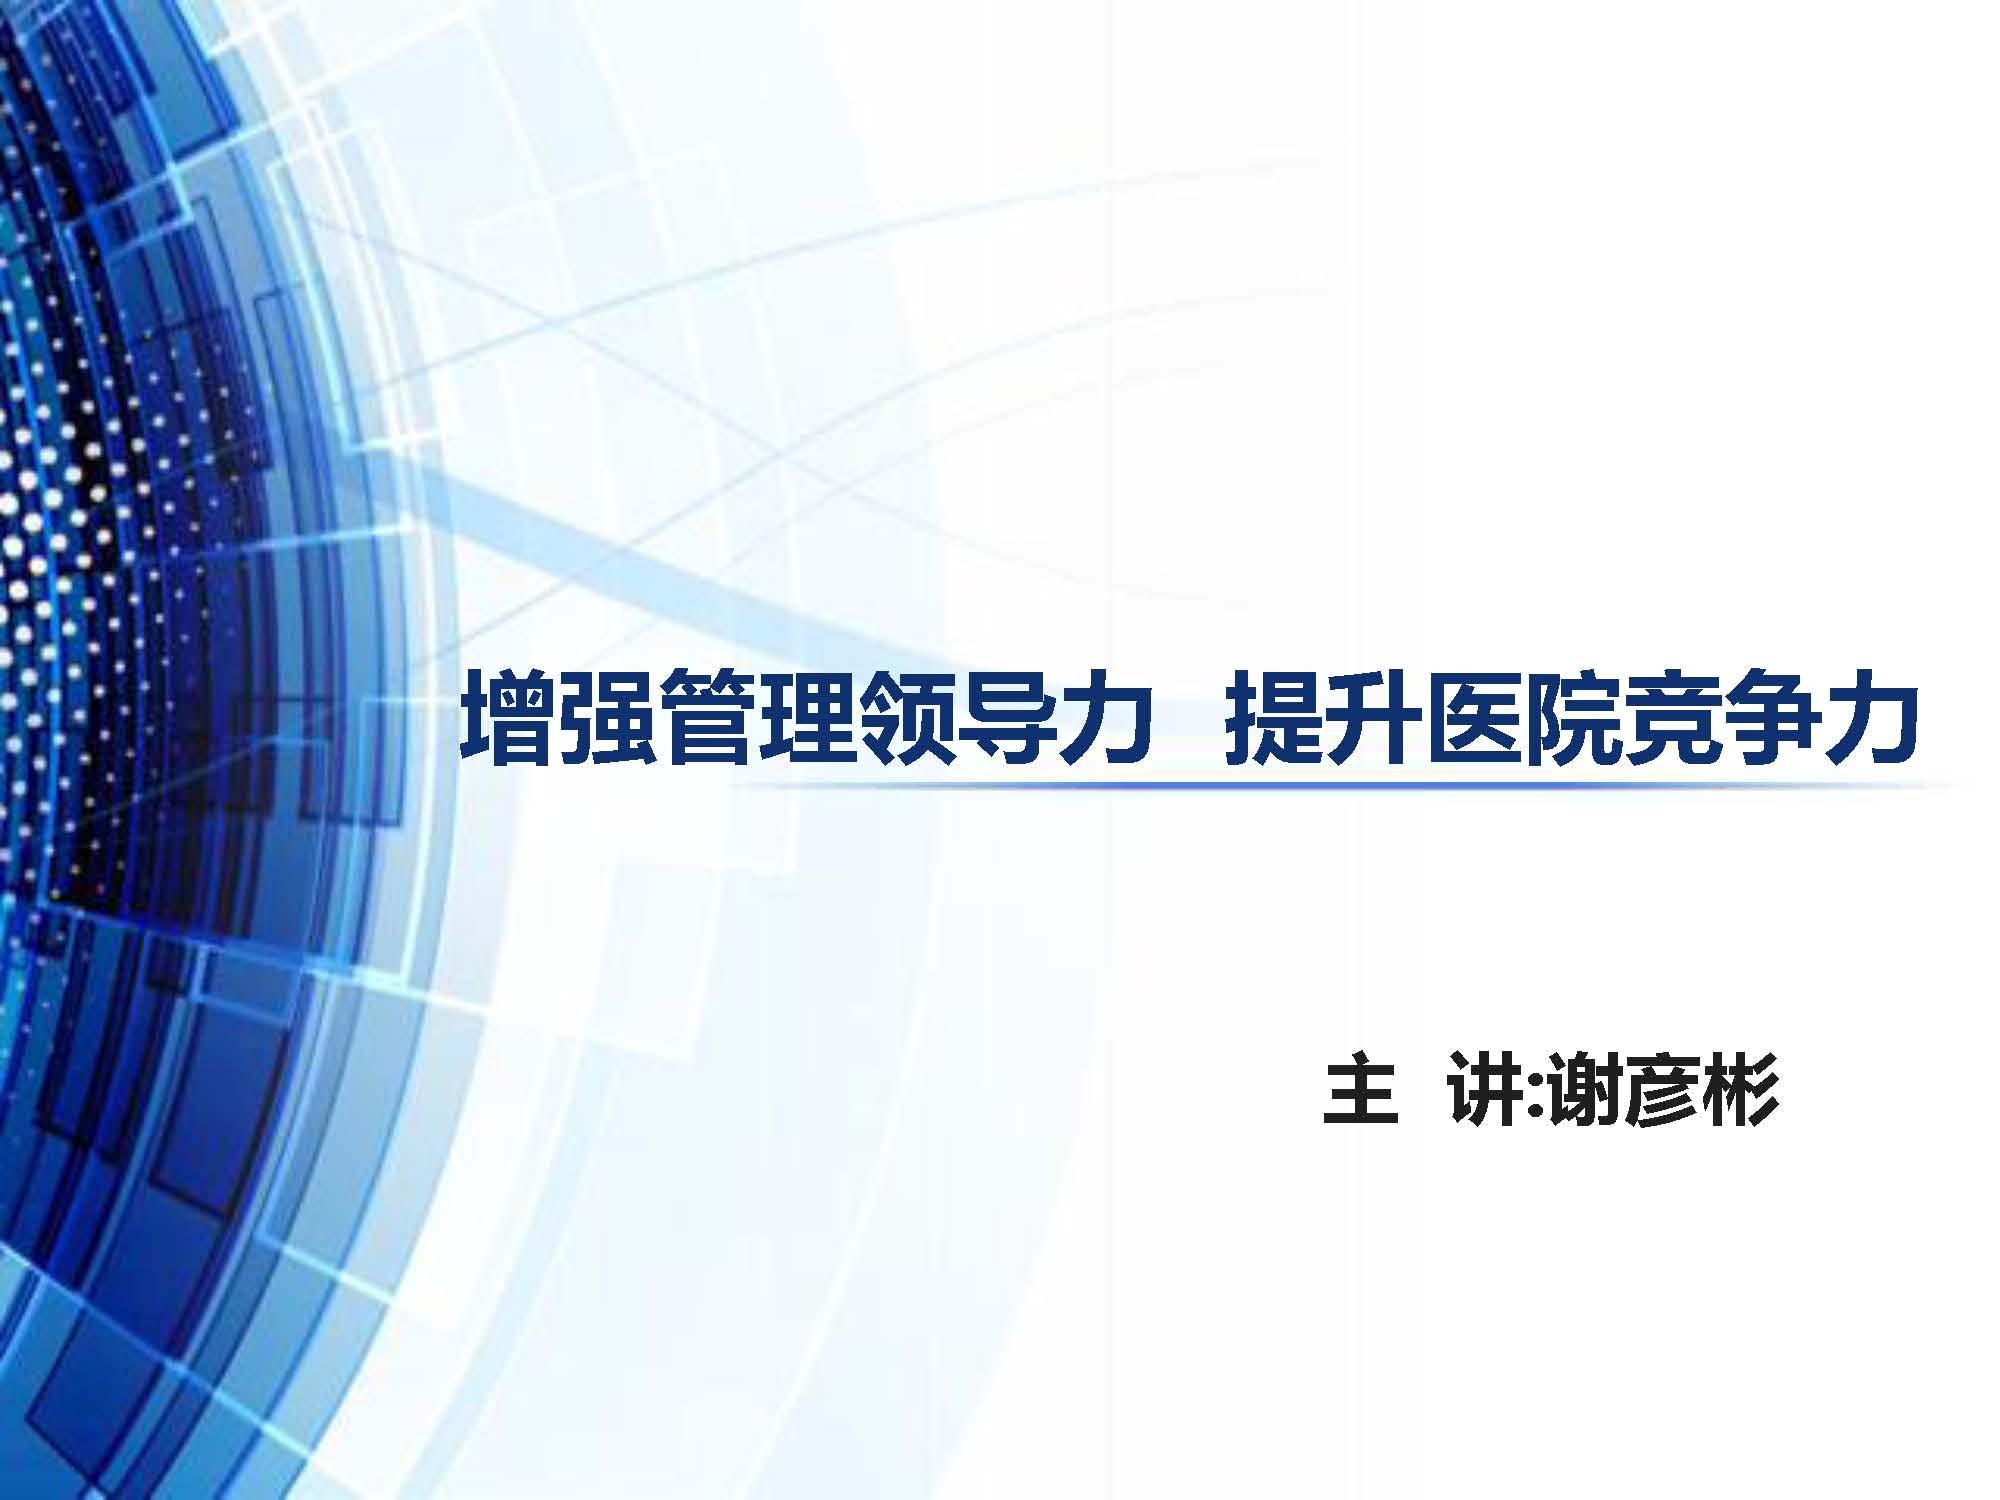 肺病 学术教育 学科建设 领导力 谢彦彬:增强管理领导力提升科室竞争力